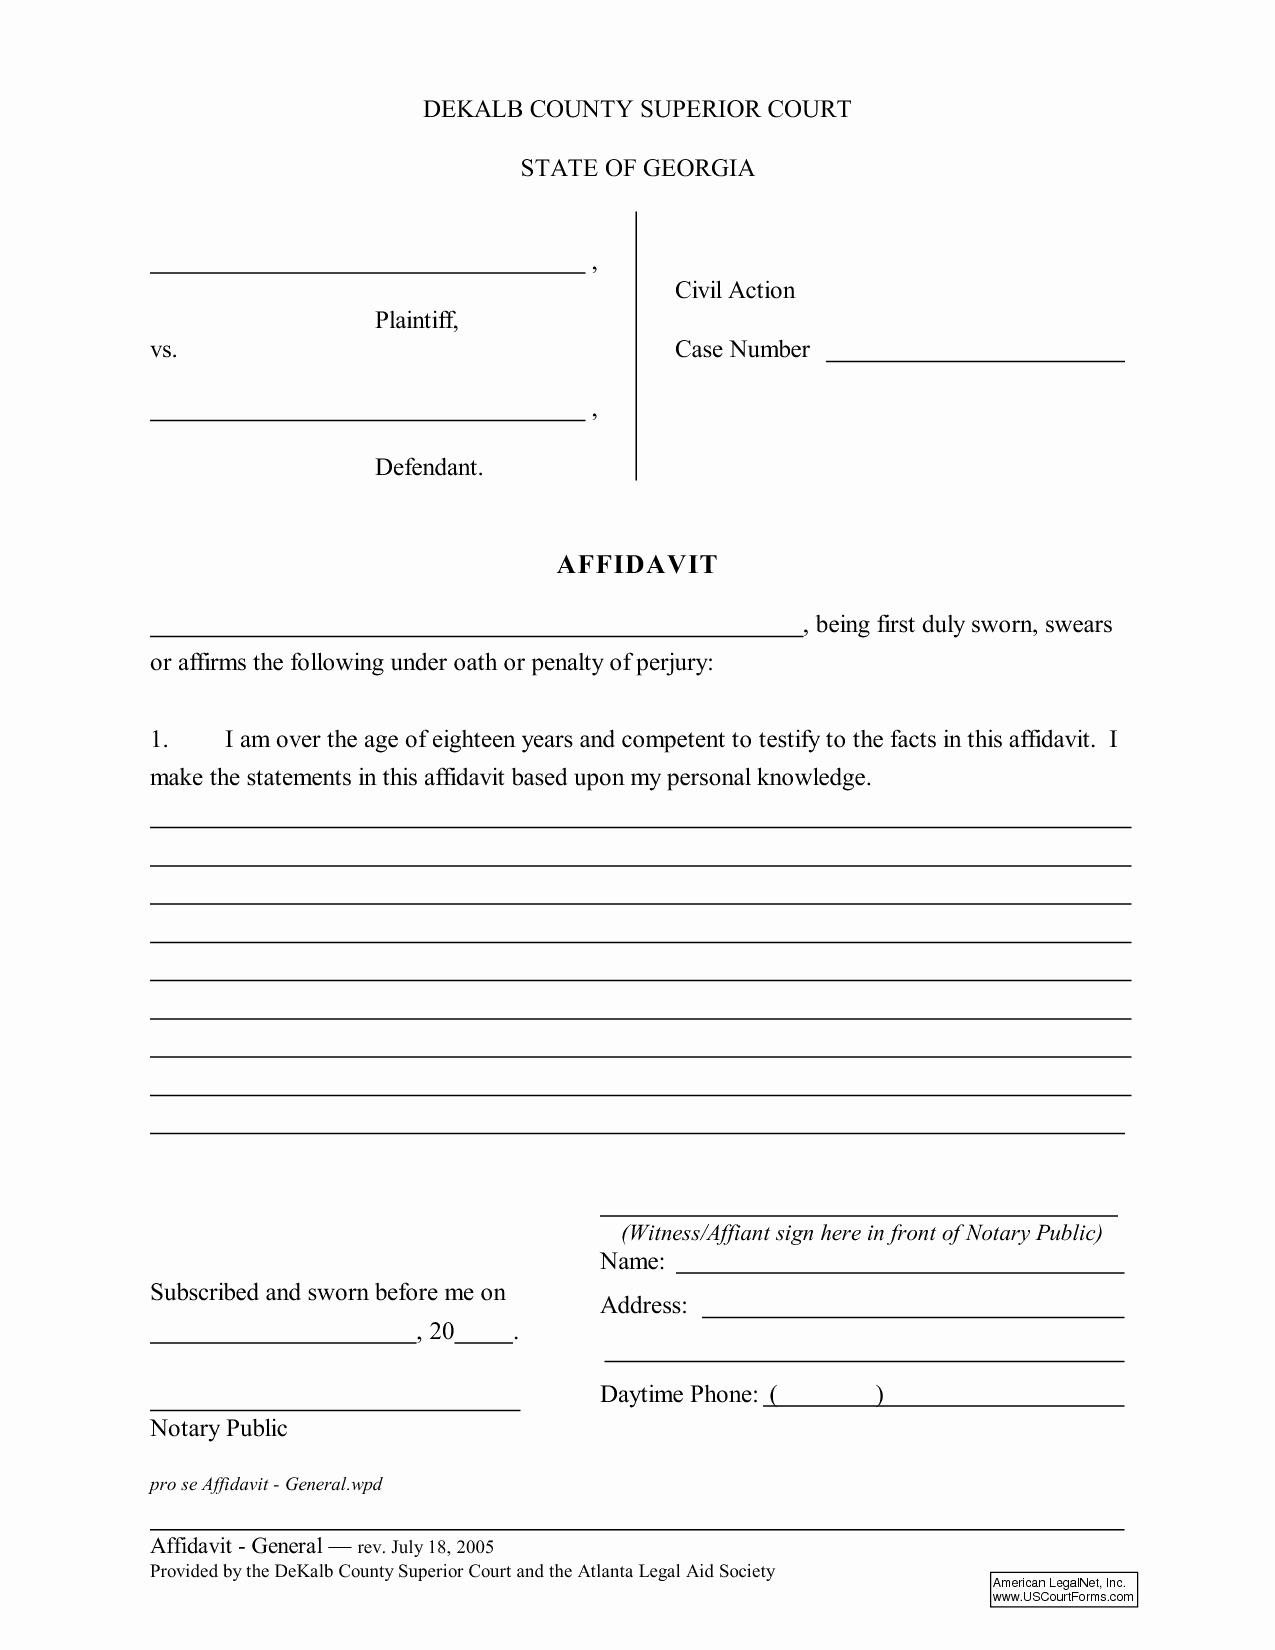 General Affidavit Template Word Elegant Free General Affidavit form Download